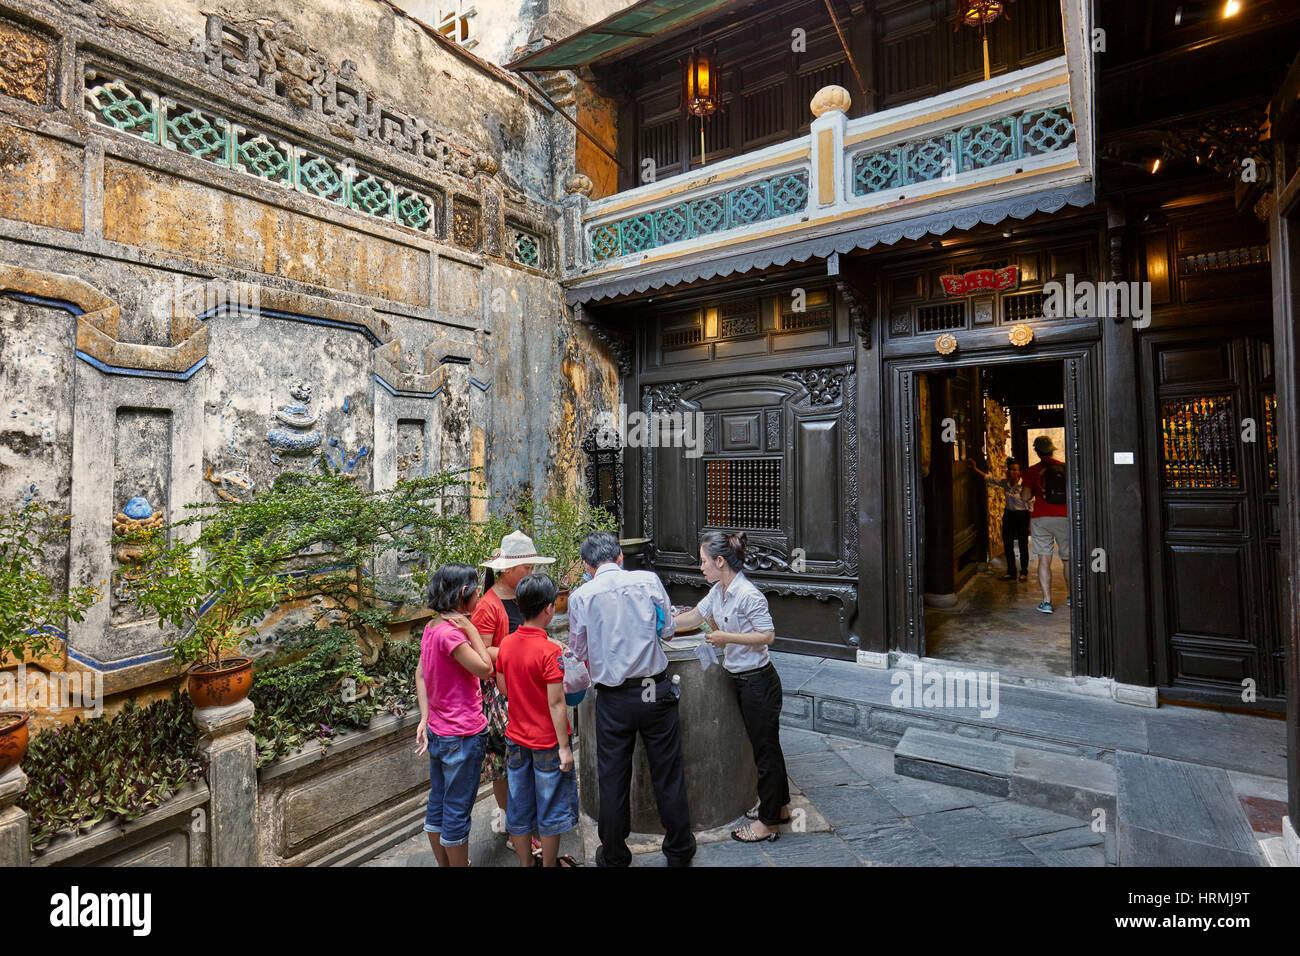 Les touristes avec guides locaux dans la cour ouverte de la vieille maison de Tan Ky. L'ancienne ville de Hoi Photo Stock